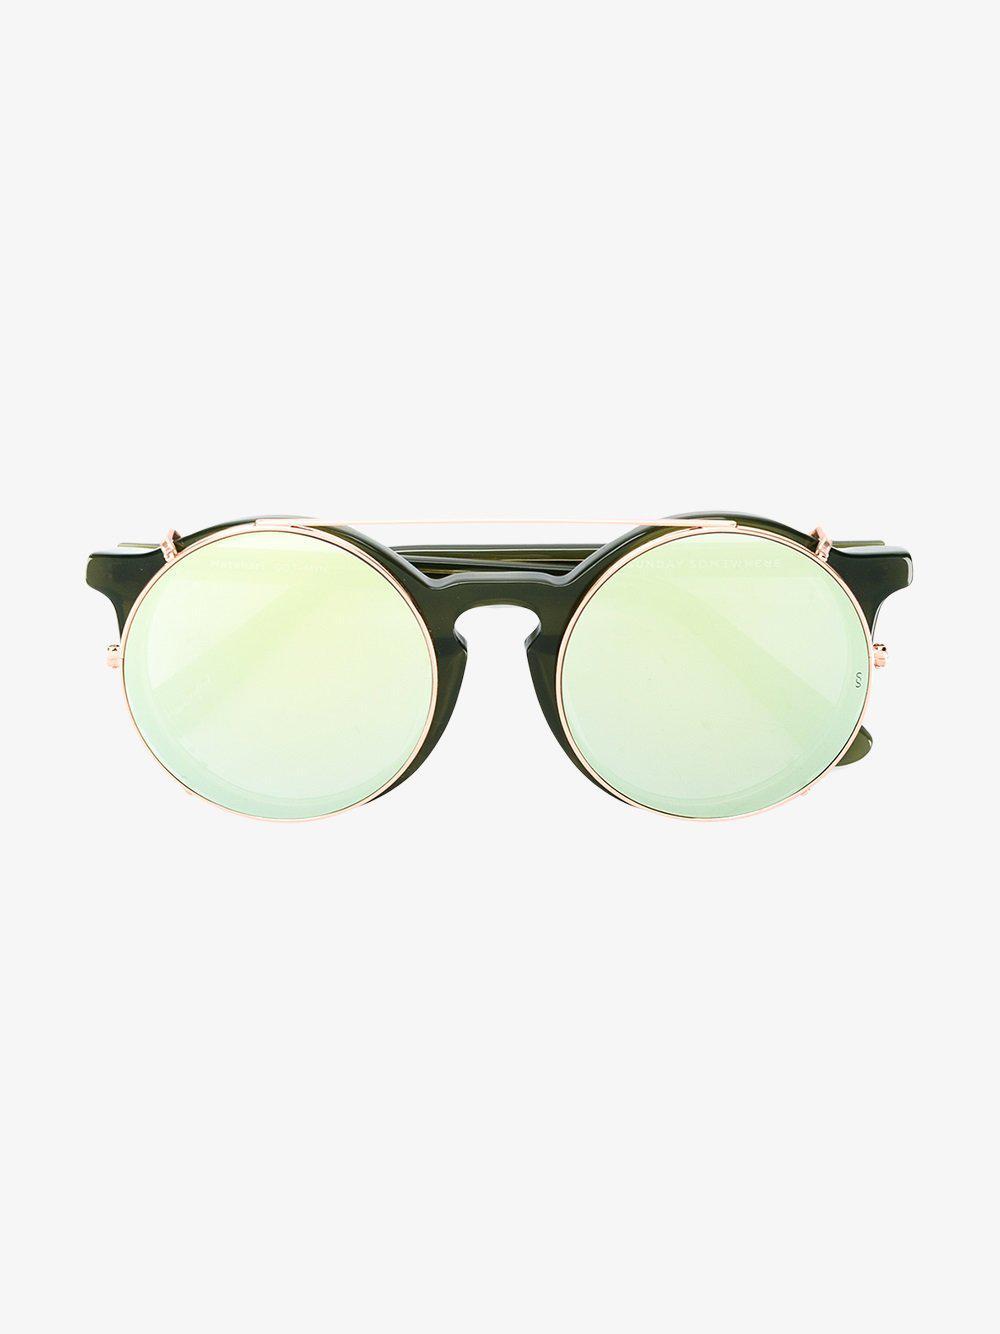 Matahari sunglasses - Green Sunday Somewhere CupIXskQg